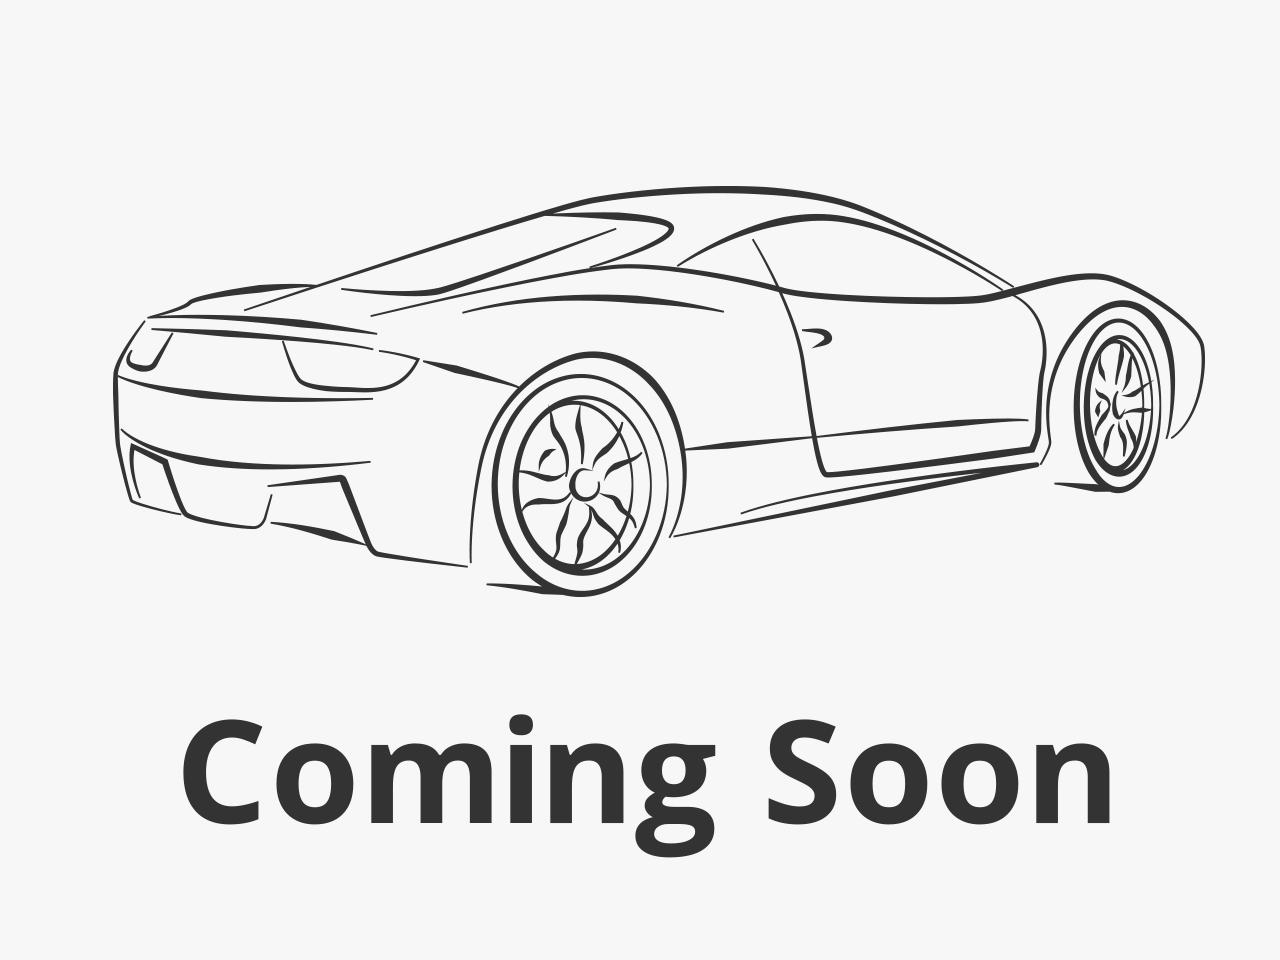 Chevrolet Corvette Cars For Sale In Fort Lauderdale, FL